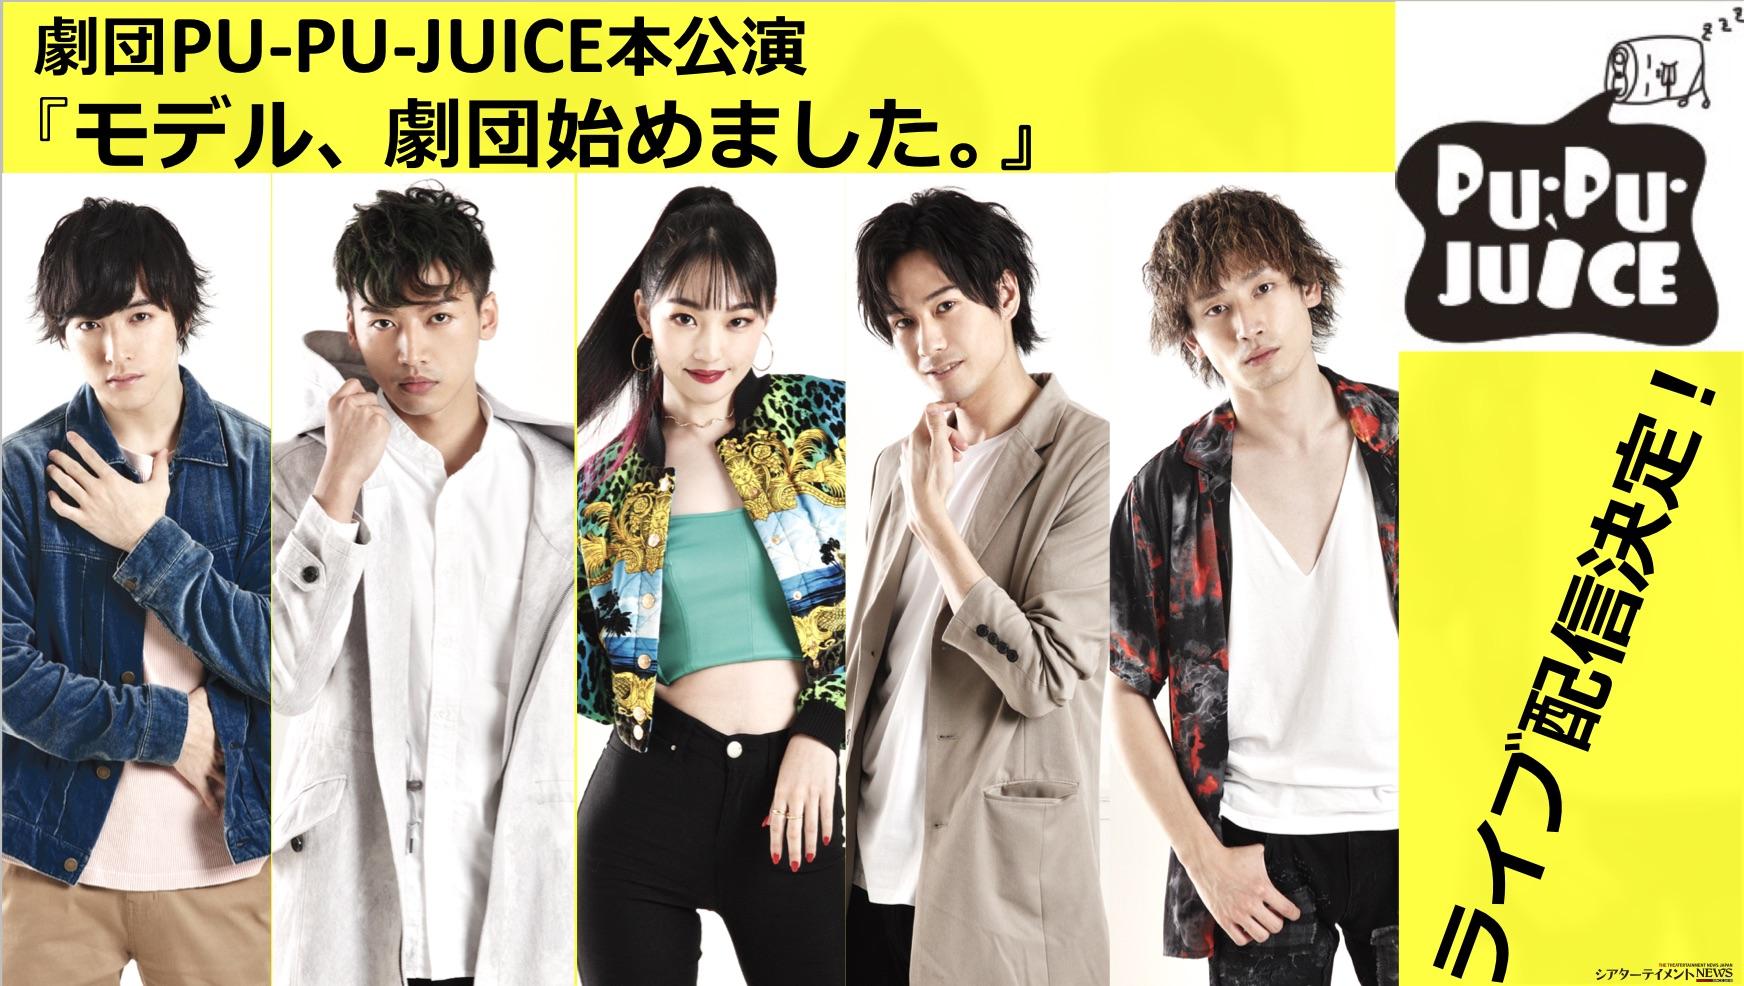 劇団 PU-PU-JUICE 本公演『モデル、劇団始めました。』 ライブ配信決定 ...